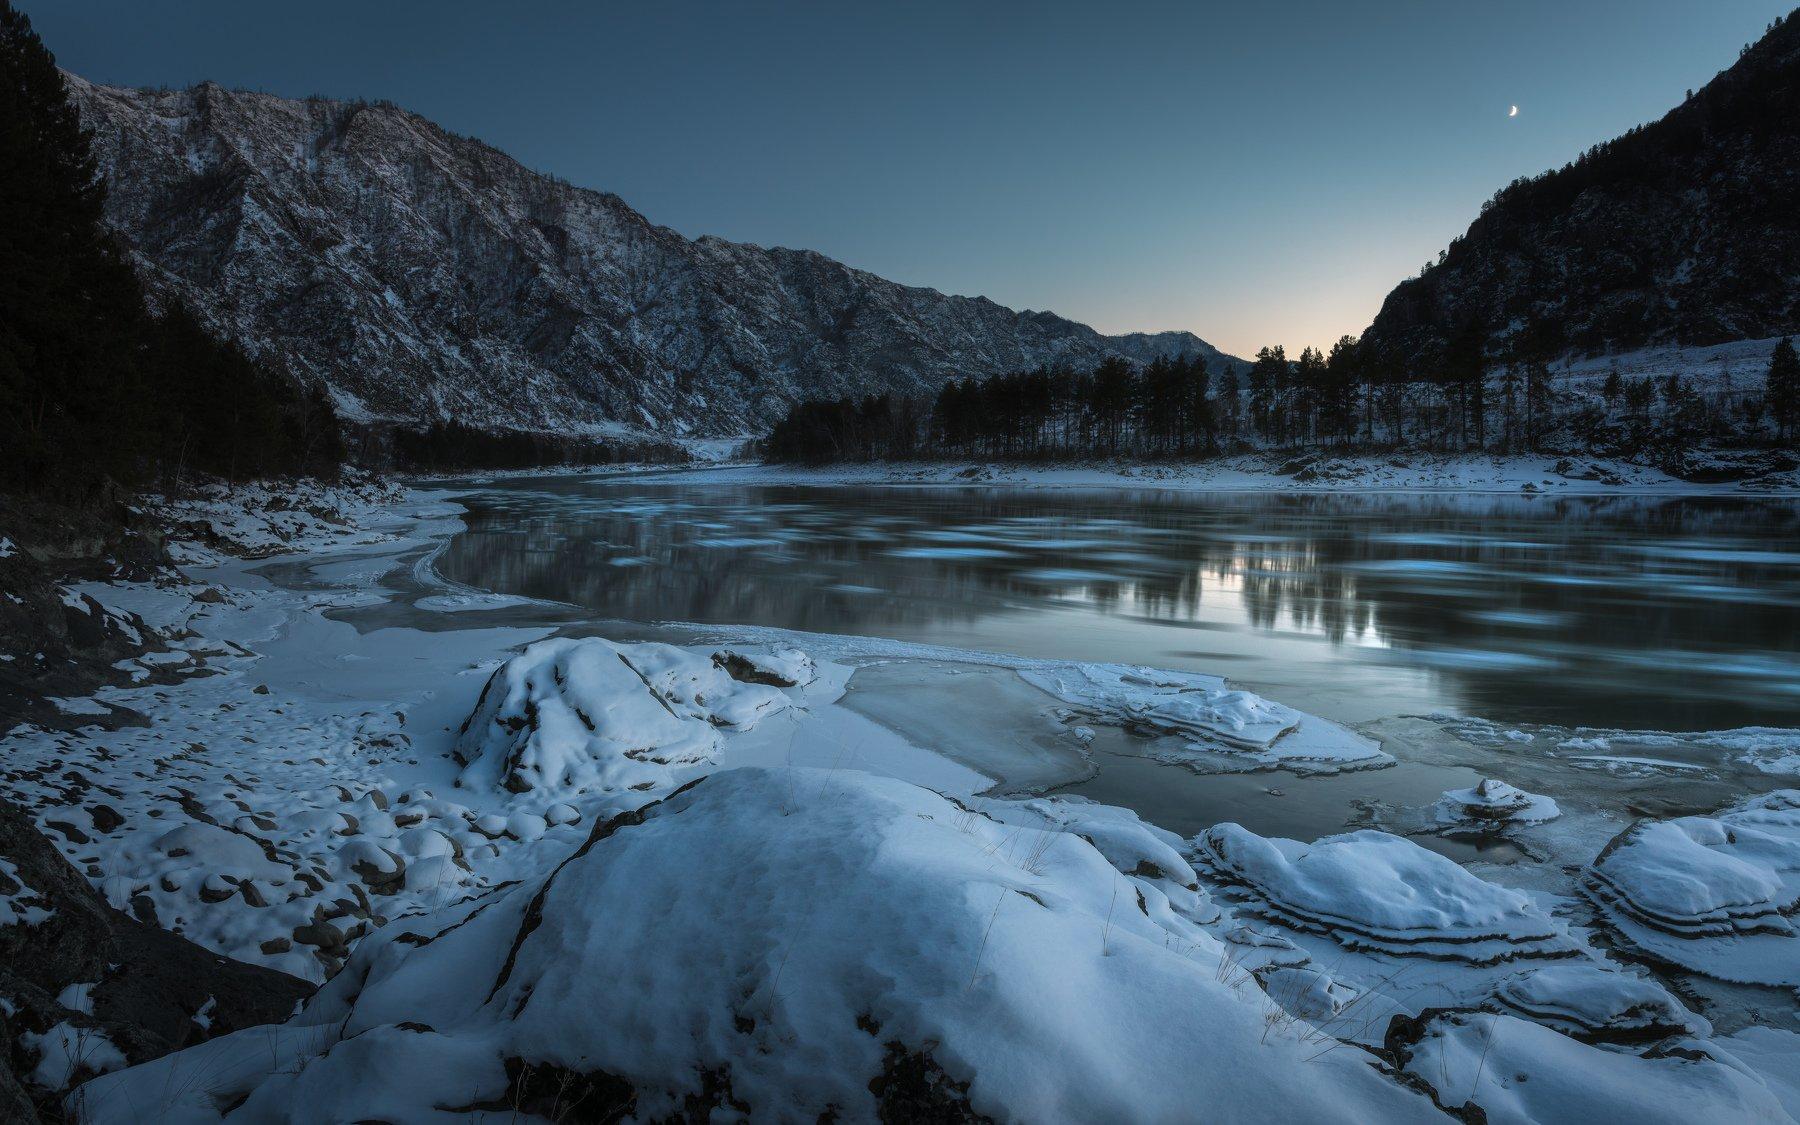 алтай, горы, катунь, долина, река, природа, льдины, лёд, пейзаж, осень, снег, луна, вечер, Денис Соломахин